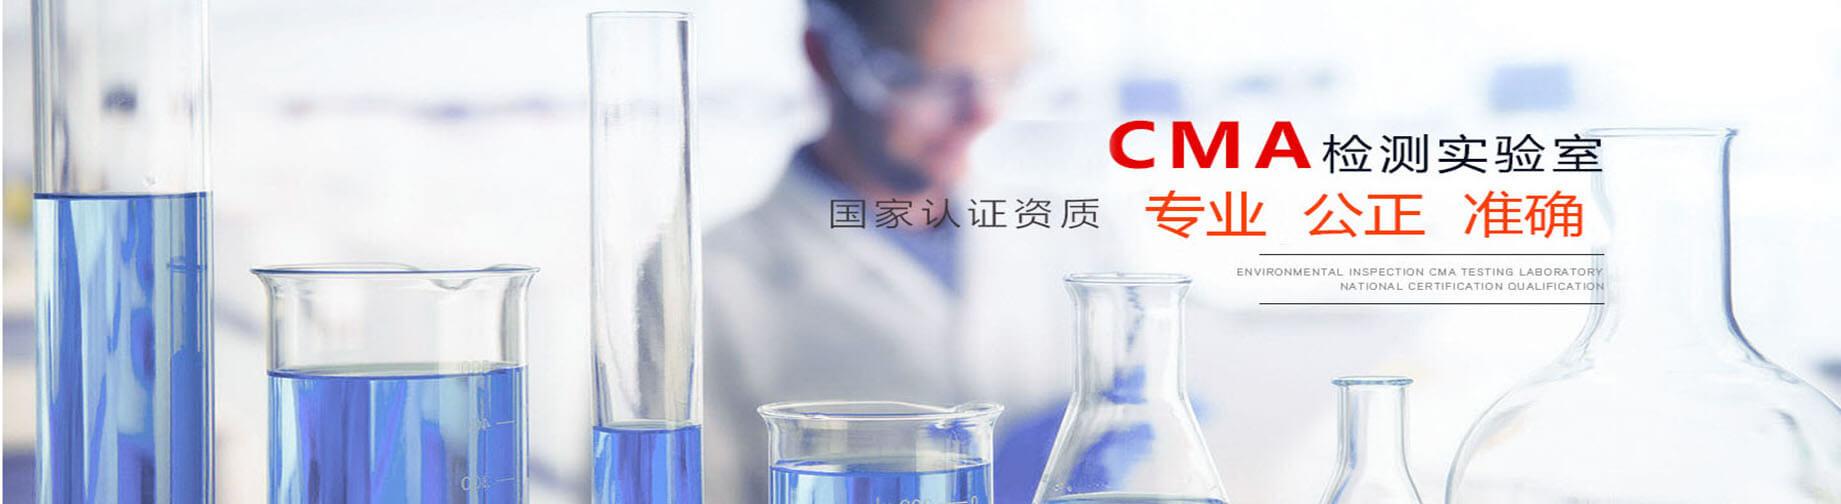 cma专业空气测甲醛机构